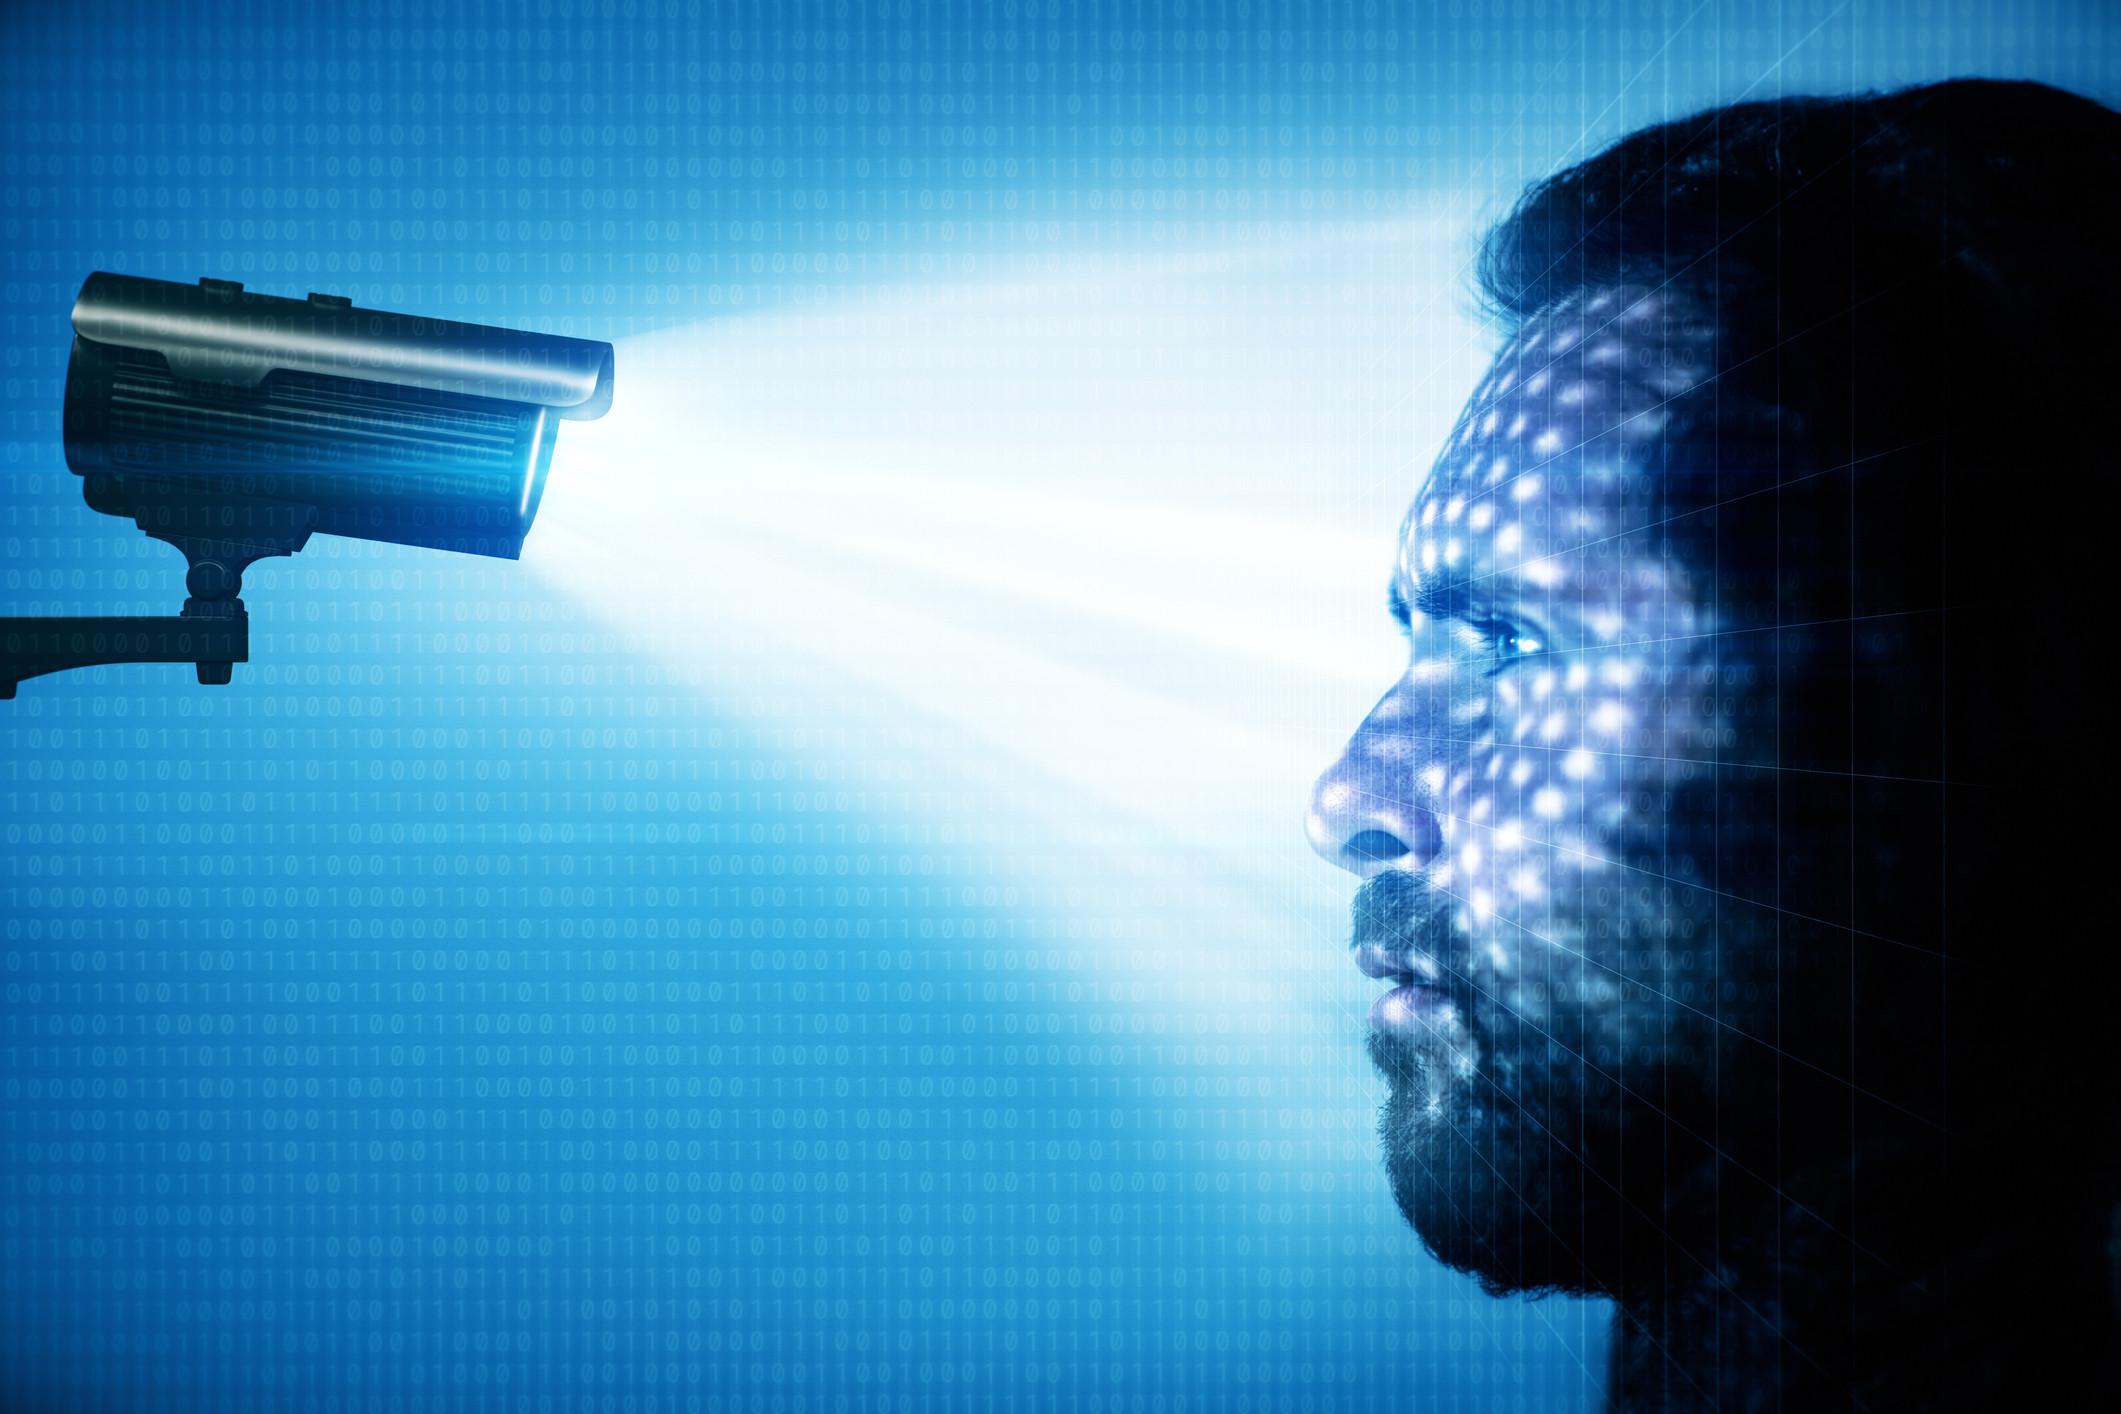 Sistemas de reconhecimento facial crescem no Brasil